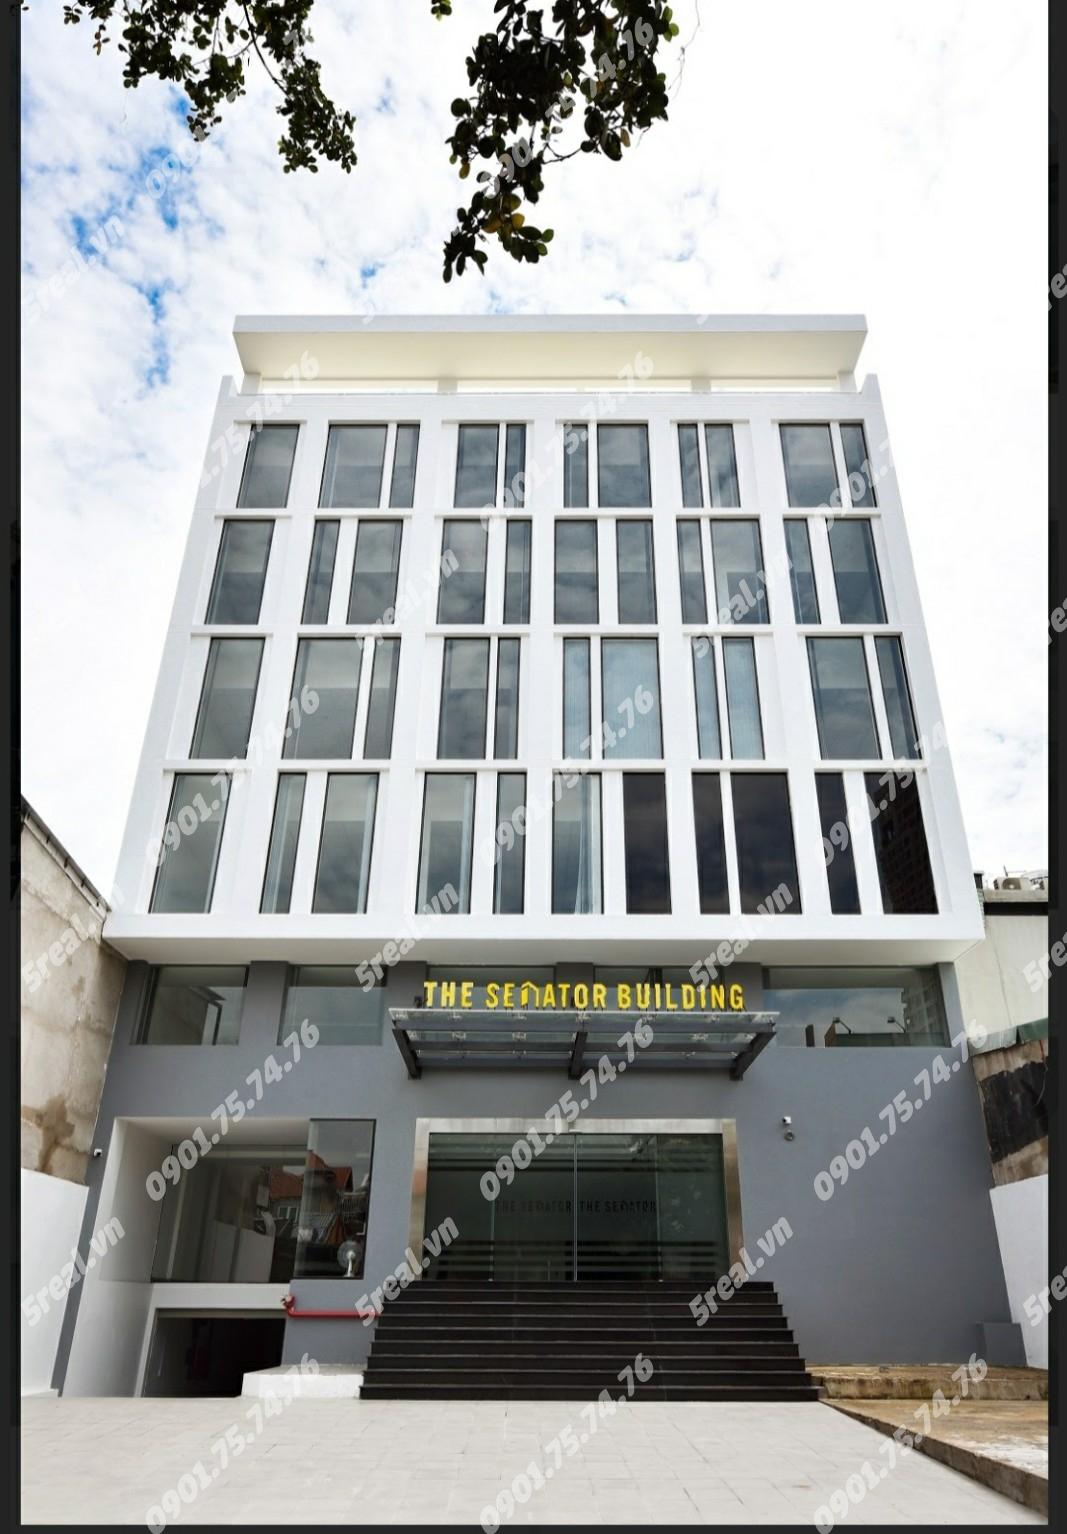 the-senator-building-xuan-thuy-quan-2-van-phong-cho-thue-5real.vn-01